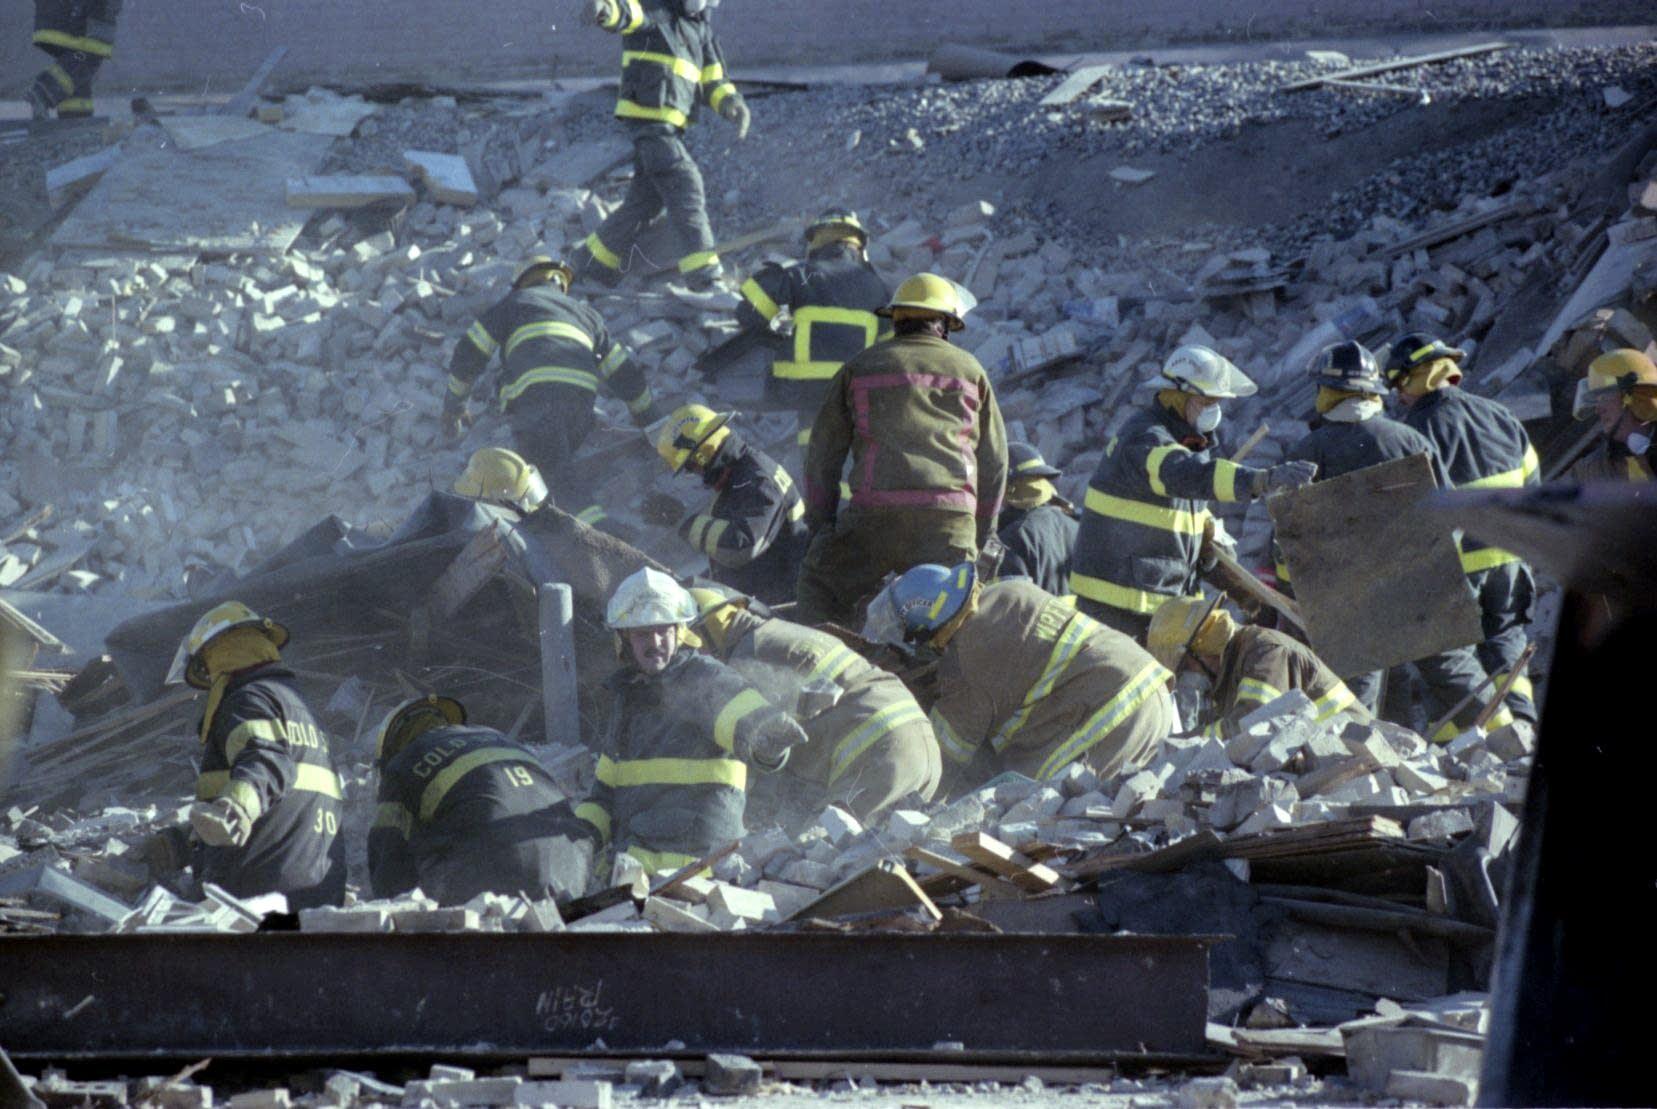 Firefighters comb through the rubble of Bellantti's Pizza & Deli building.